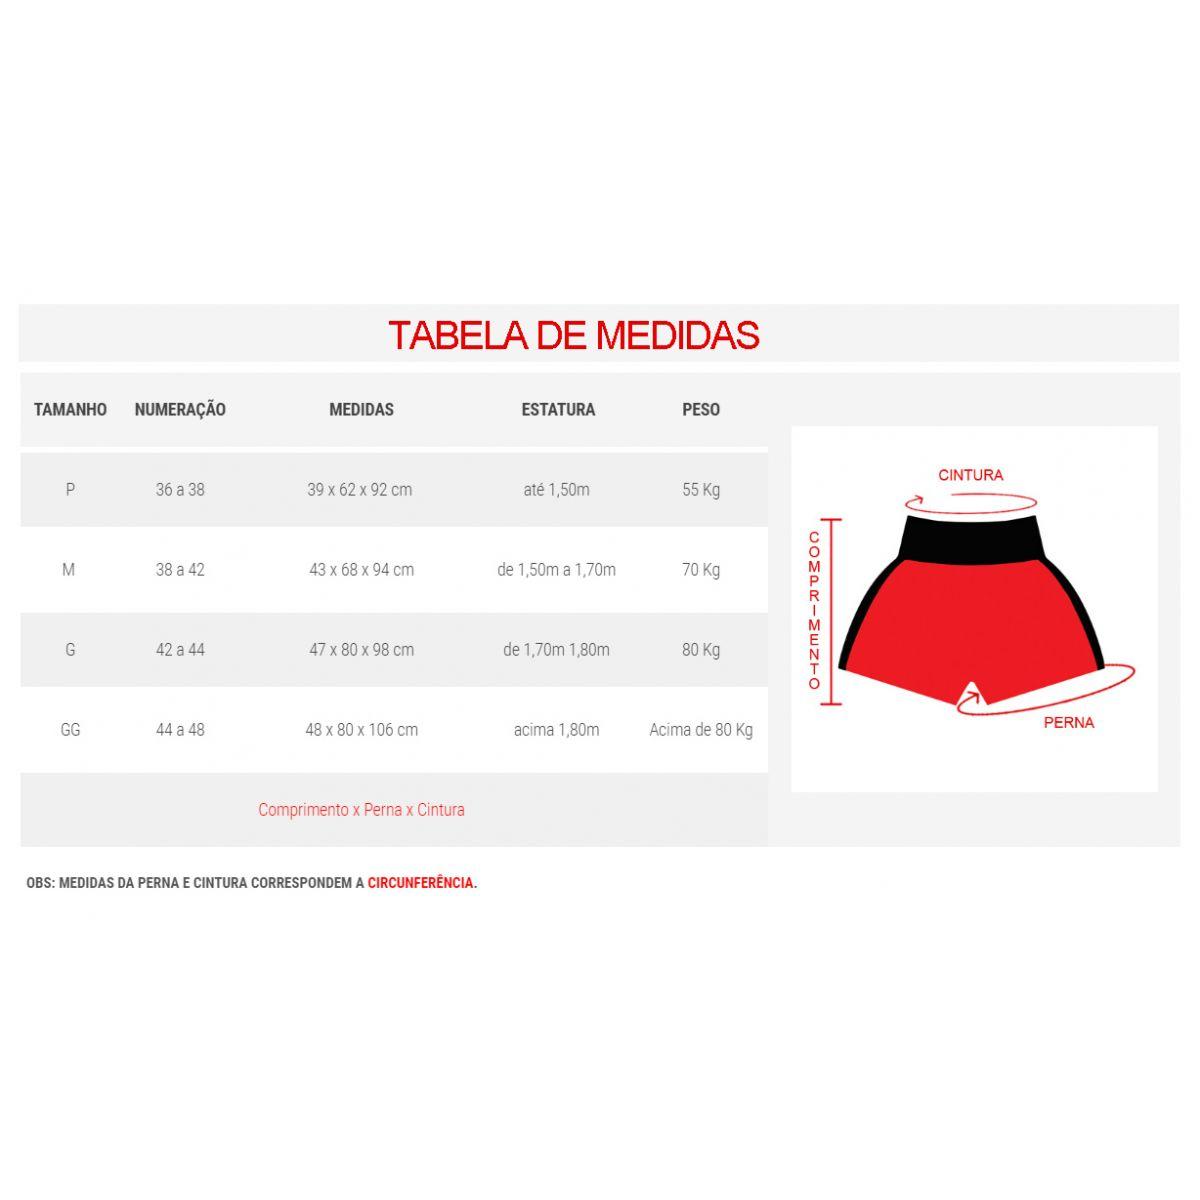 Calção / Short Muay Thai - Dragon on Fire - Quadrado - Preto/Vermelho -Toriuk .  - Loja do Competidor